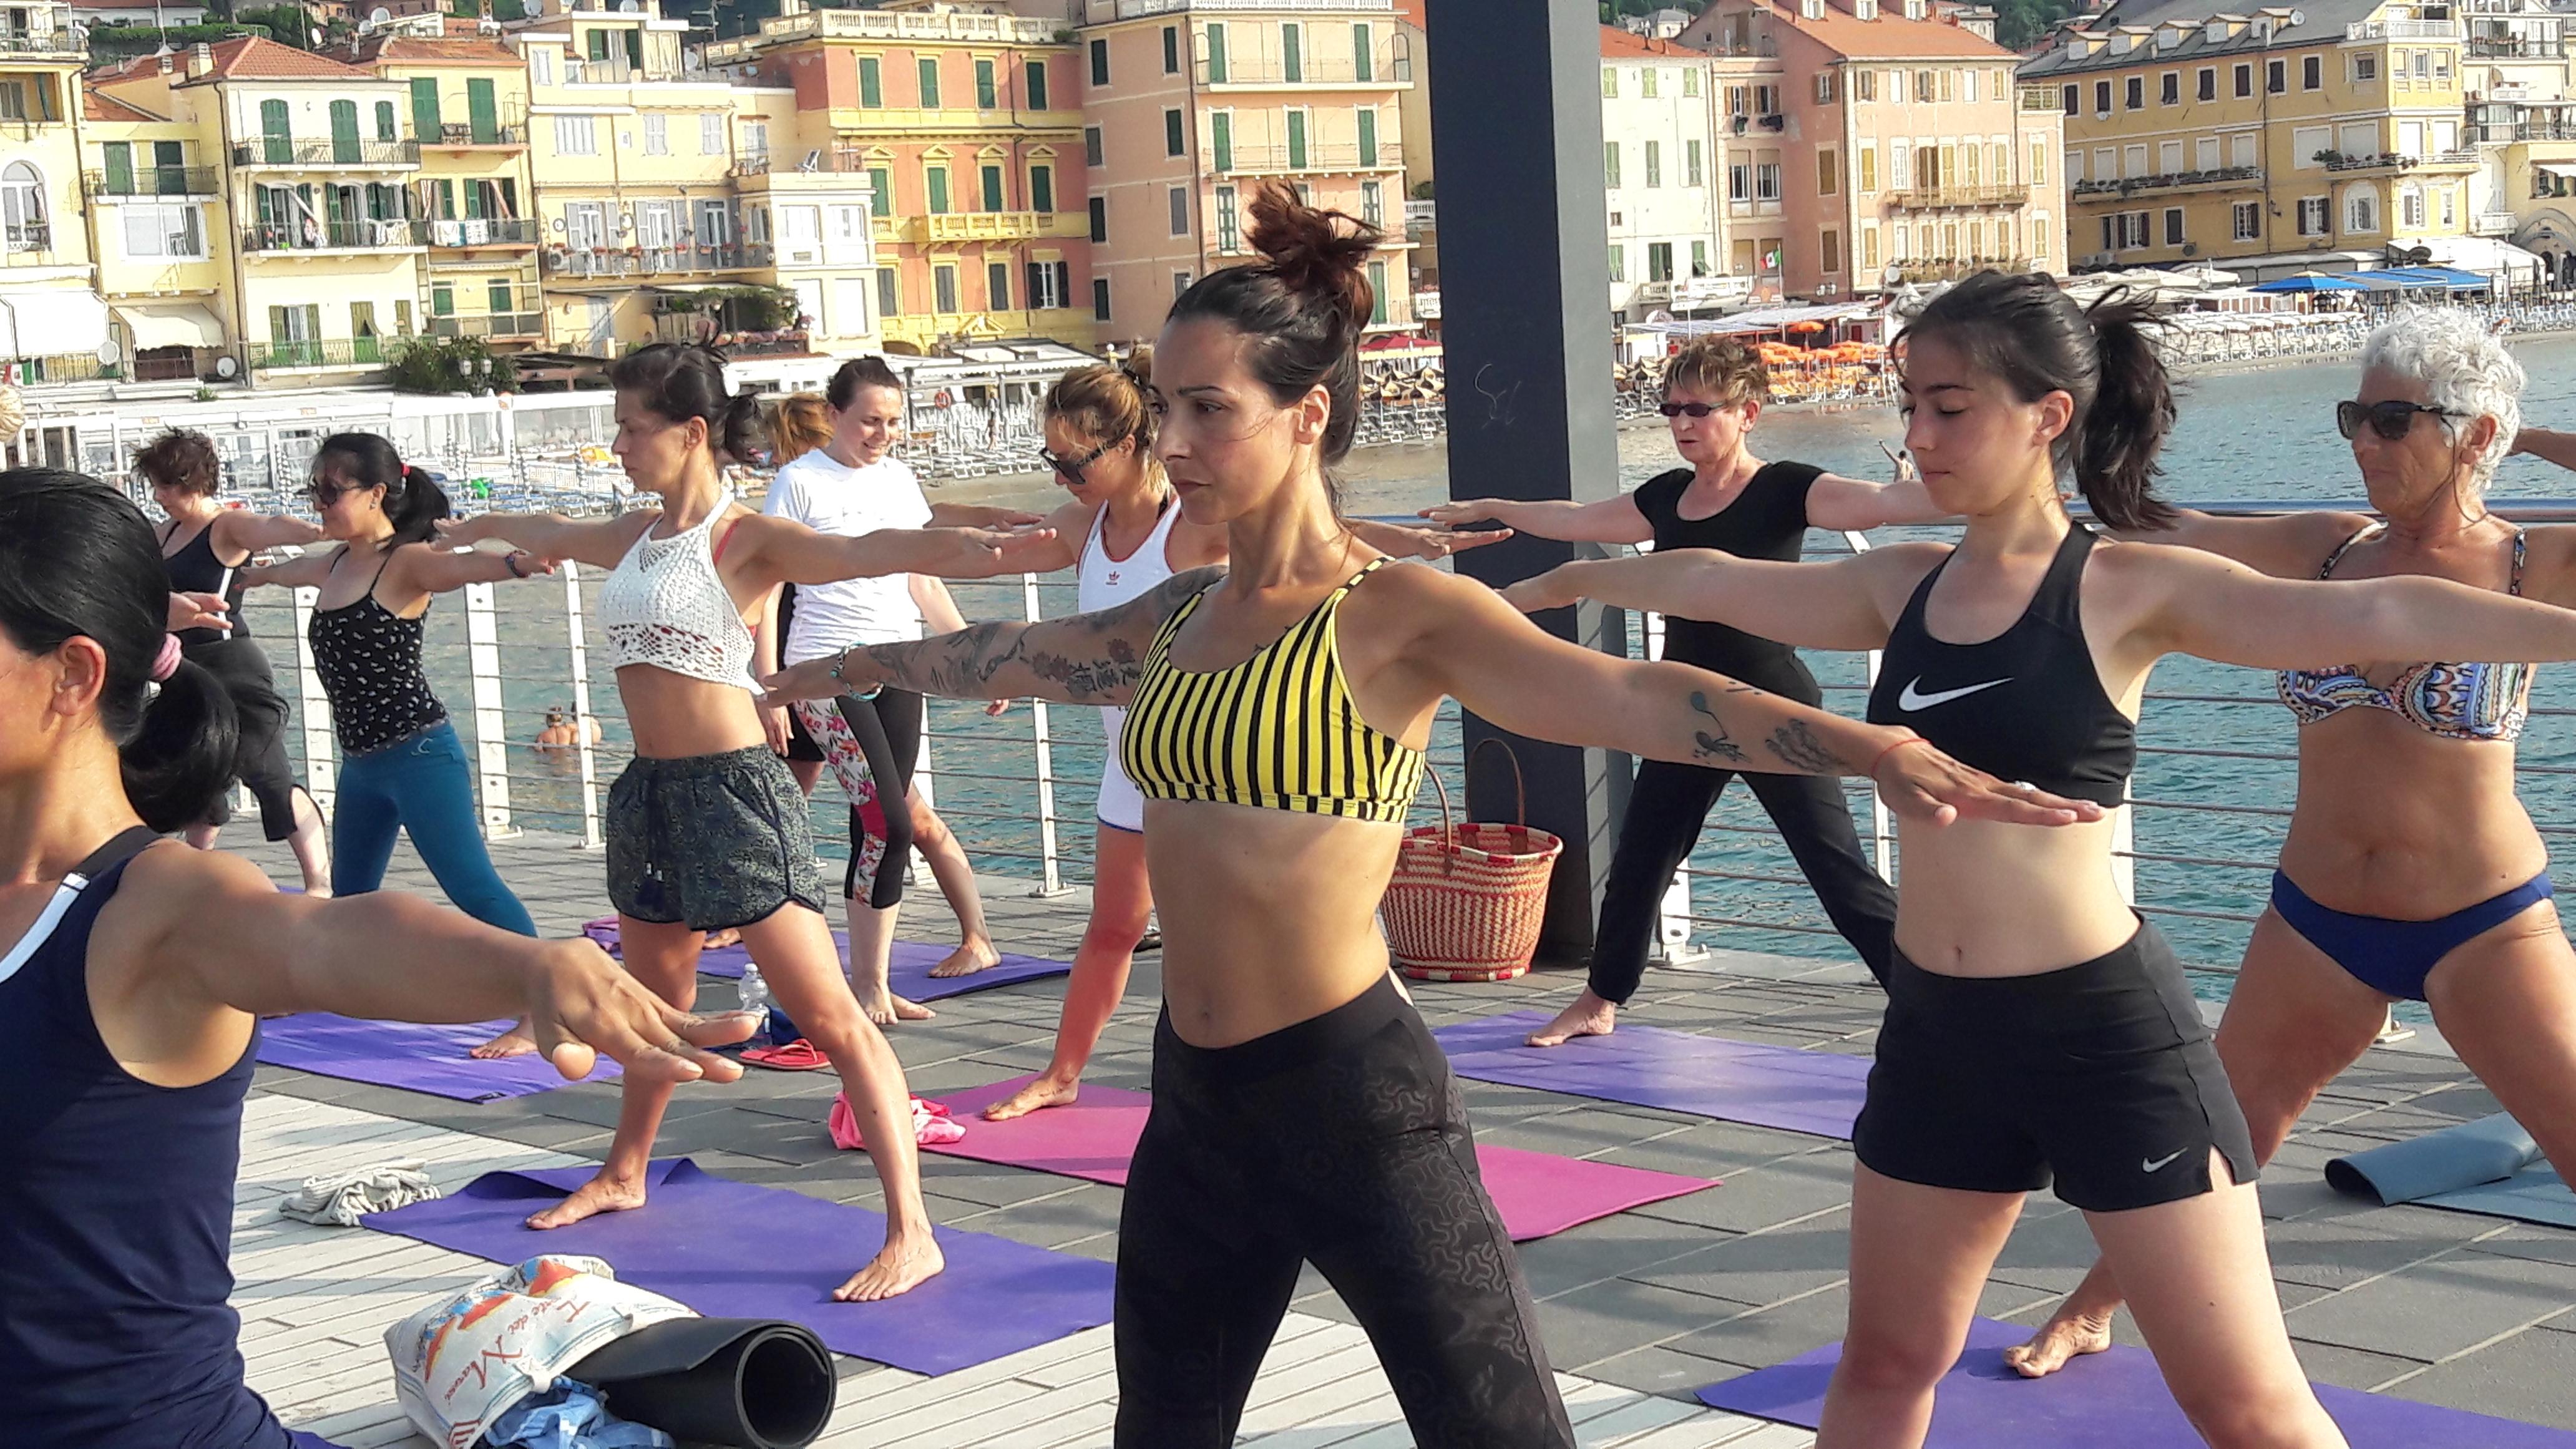 1_essere-free-yoga-gratuito-benessere-per-tutti-village-citta-alassio-estate-lucia-ragazzi-summer-town-wellness-025